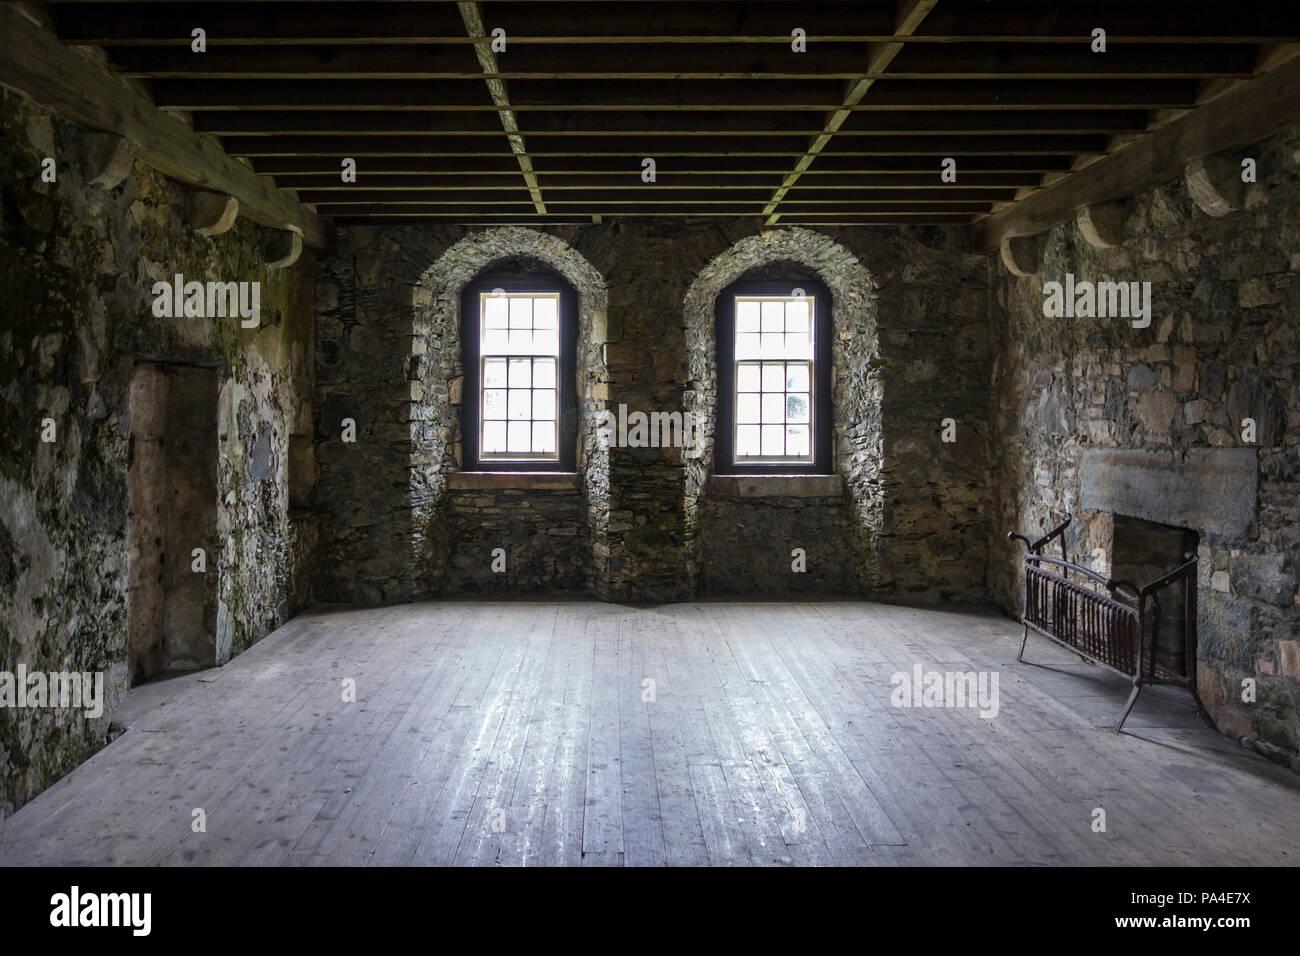 scottish castle interior stock photos scottish castle interior